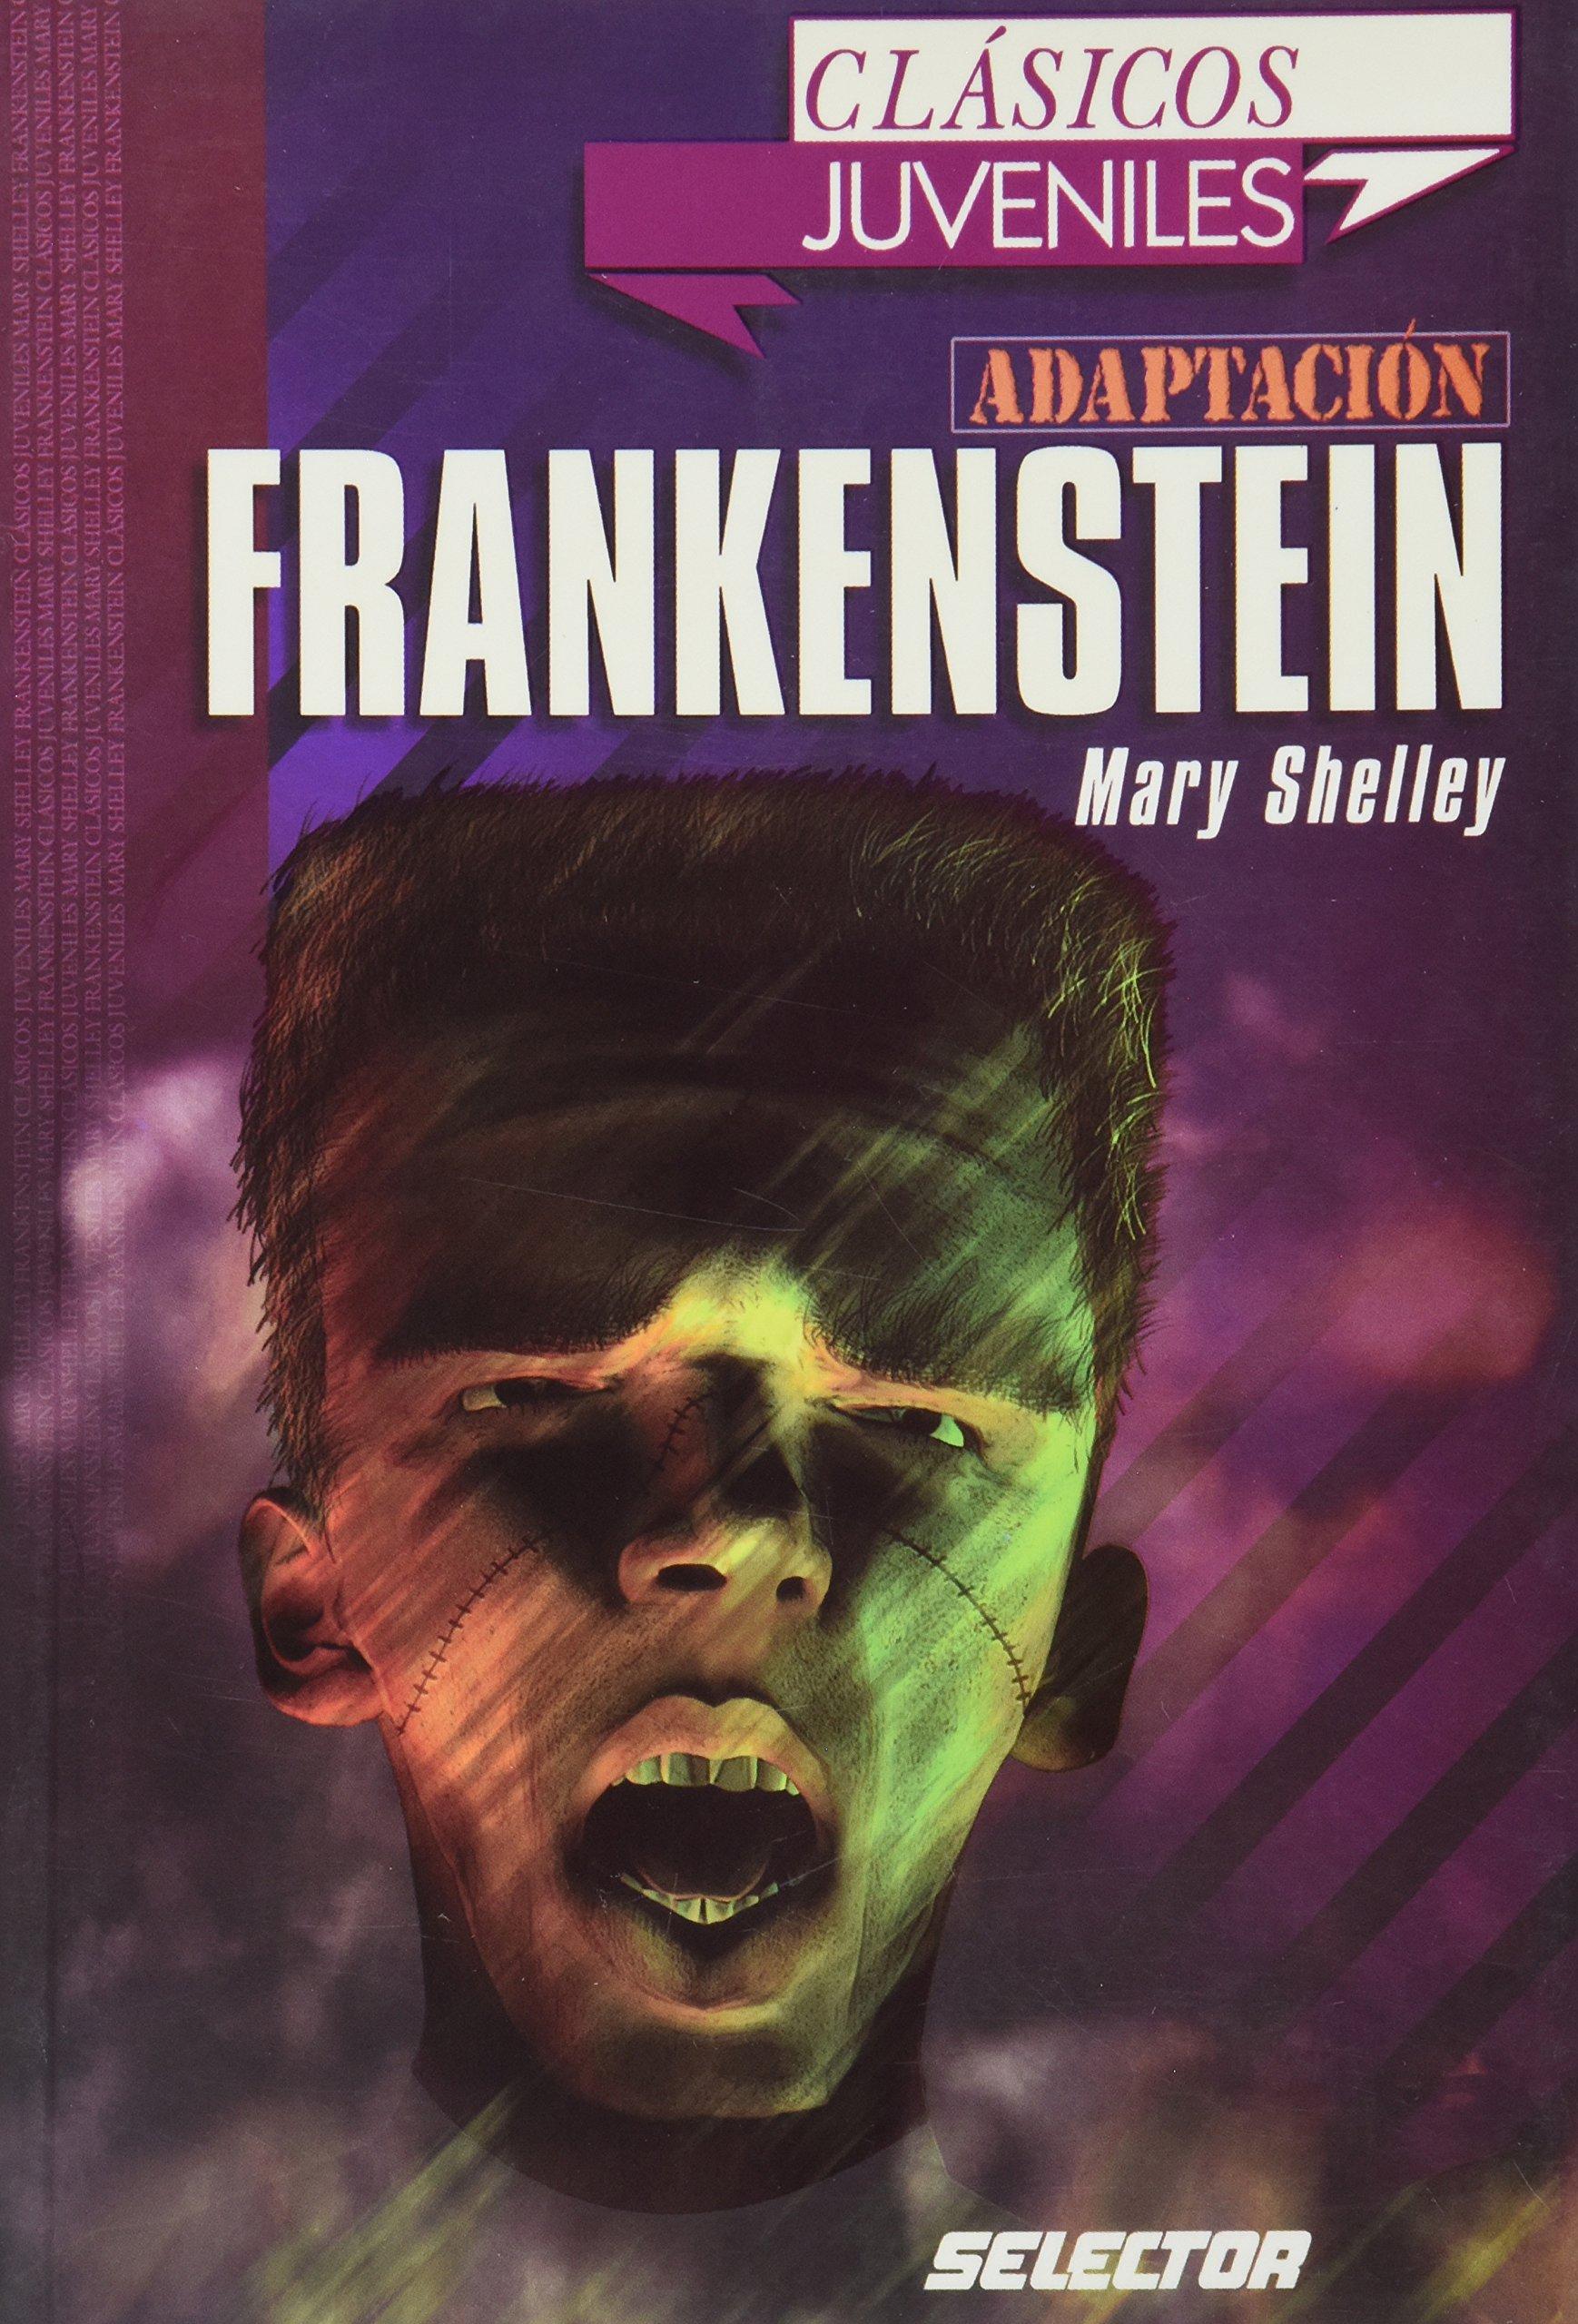 Frankenstein (Clasicos Juveniles/ Juvenile Classics): Amazon.es: Mary Wollstonecraft Shelley, Alicia Alarcon Armendariz: Libros